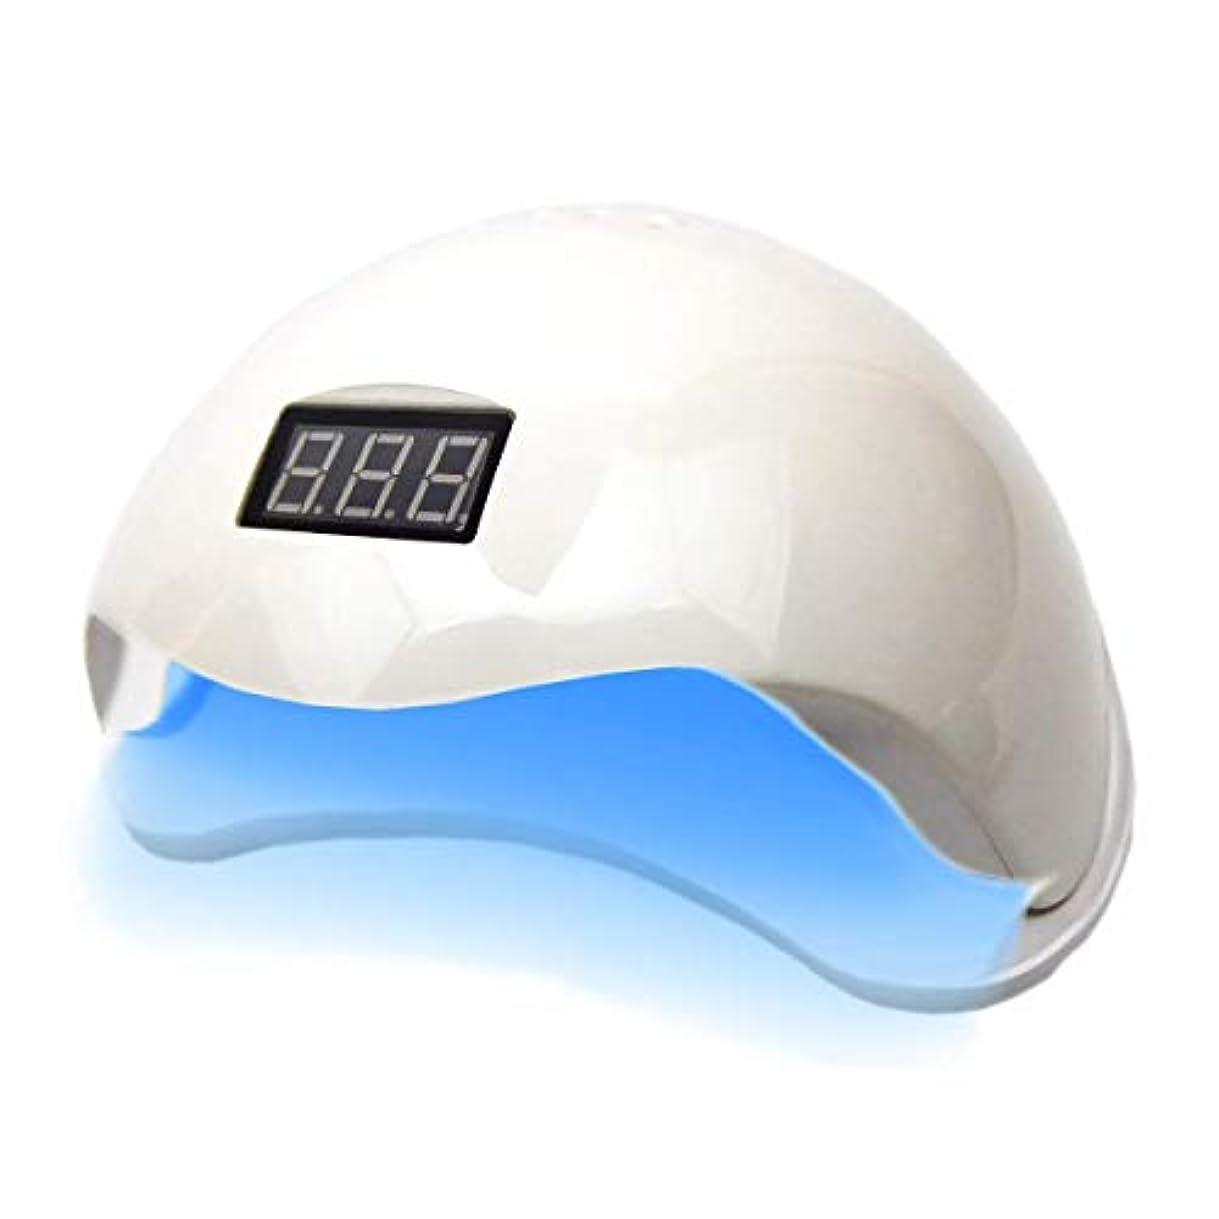 ナイトスポット店員靄LED UV ネイルライト 48W 低ヒート機能 自動感知センサー ジェルネイル レジン用